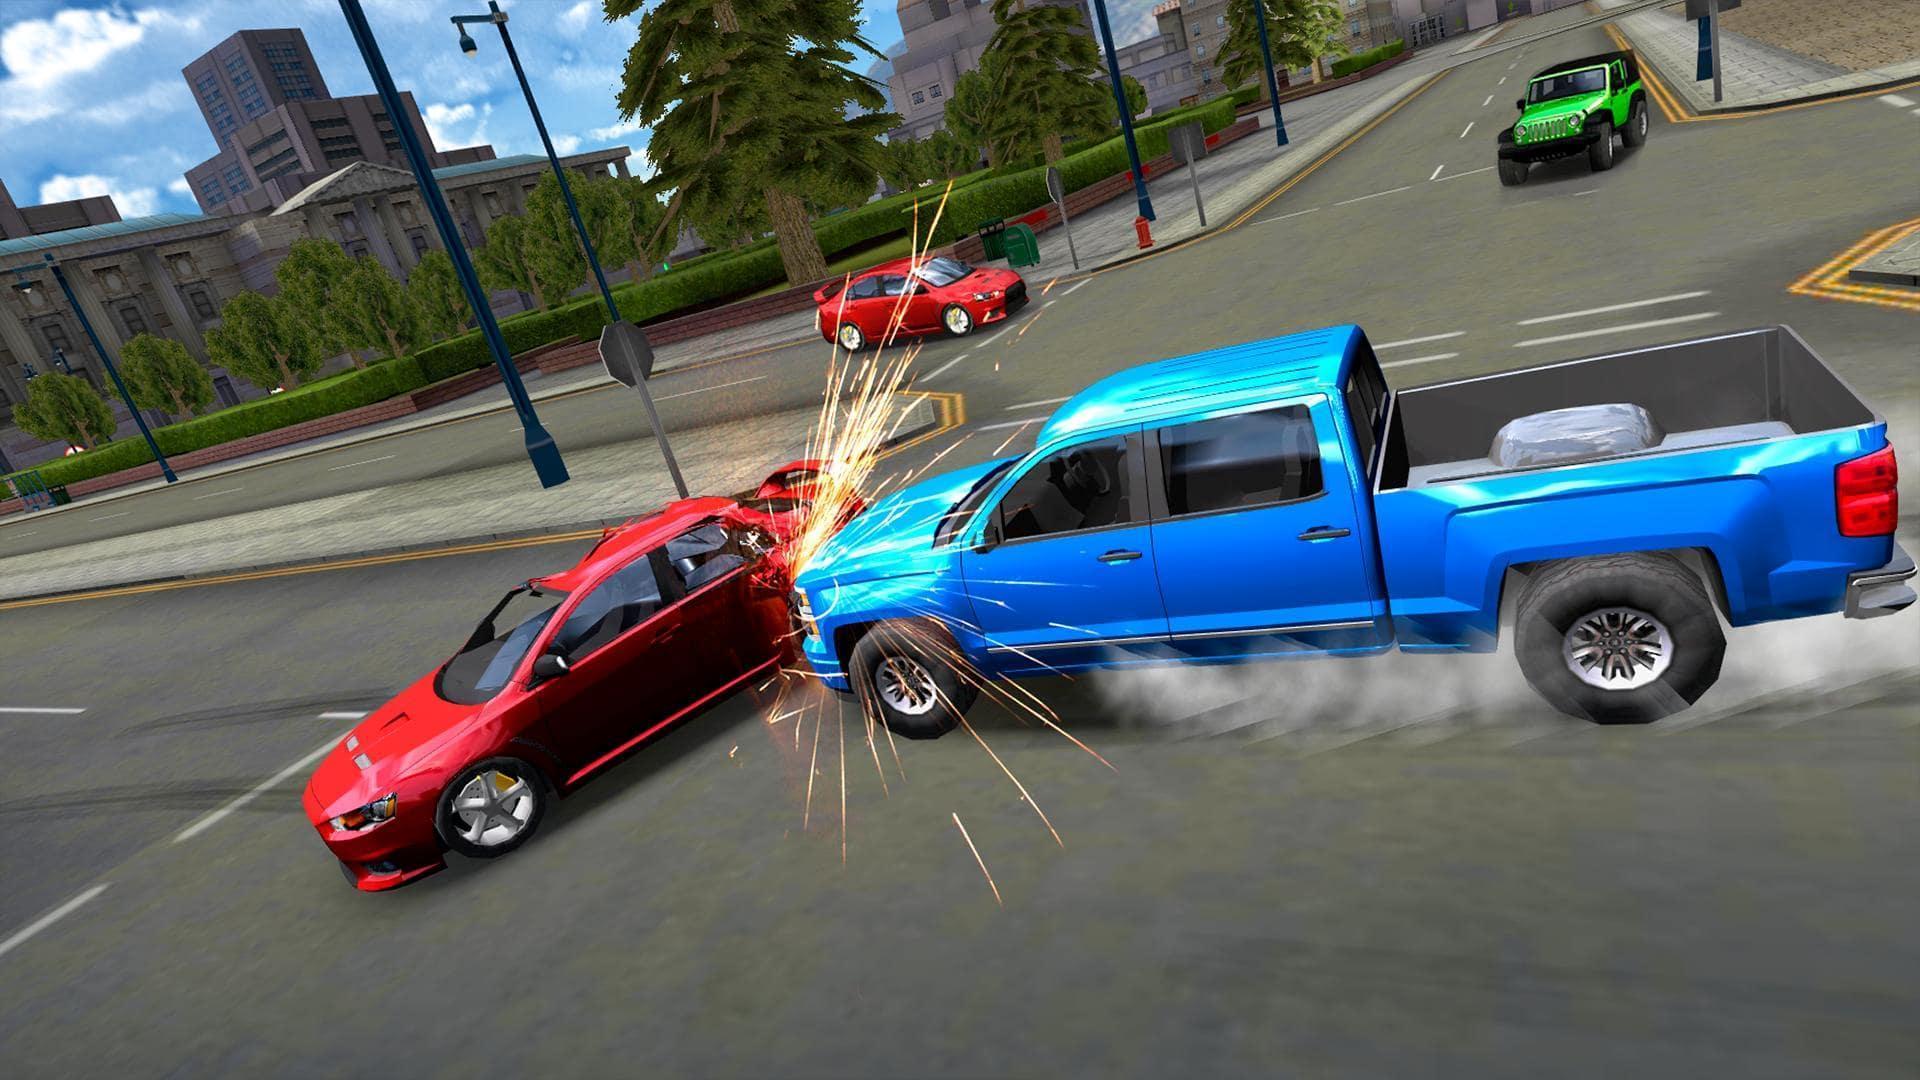 скачать extreme car driving simulator